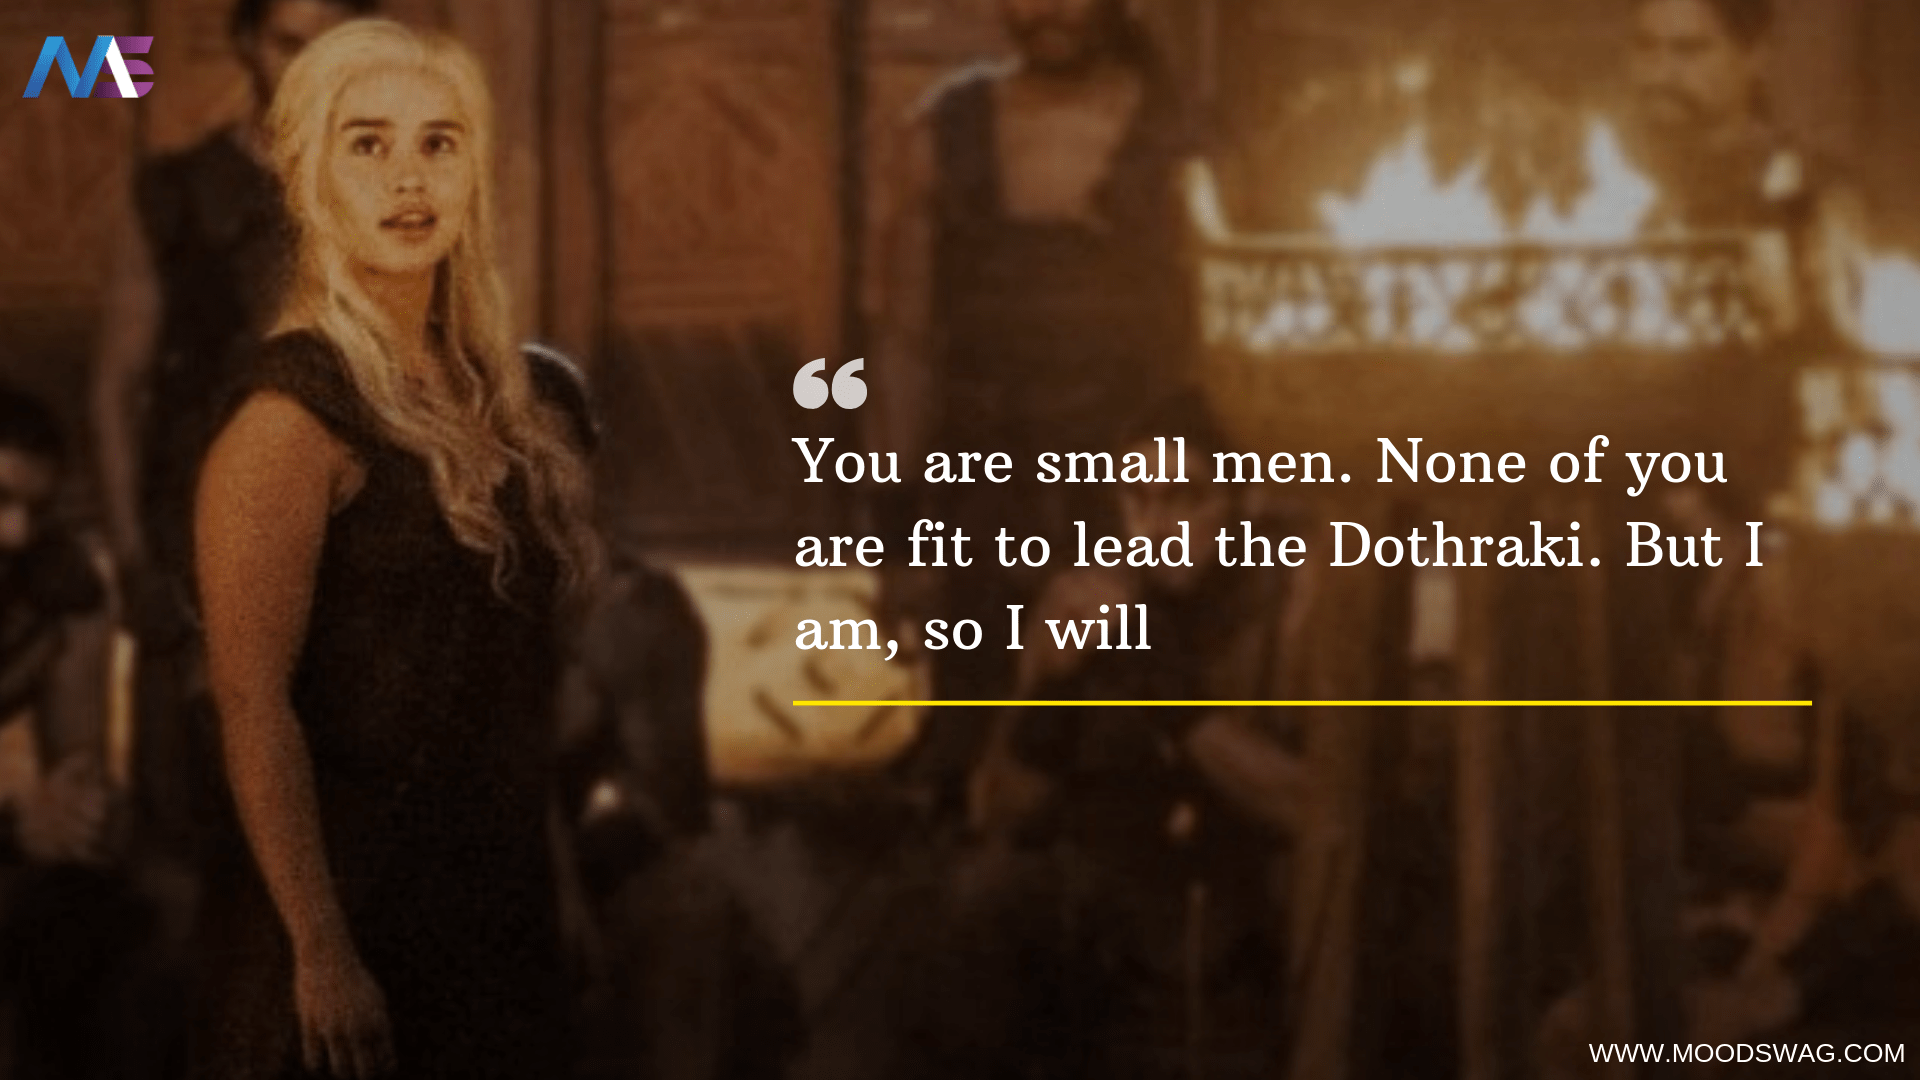 Daenerys Targaryen quotes in season 6